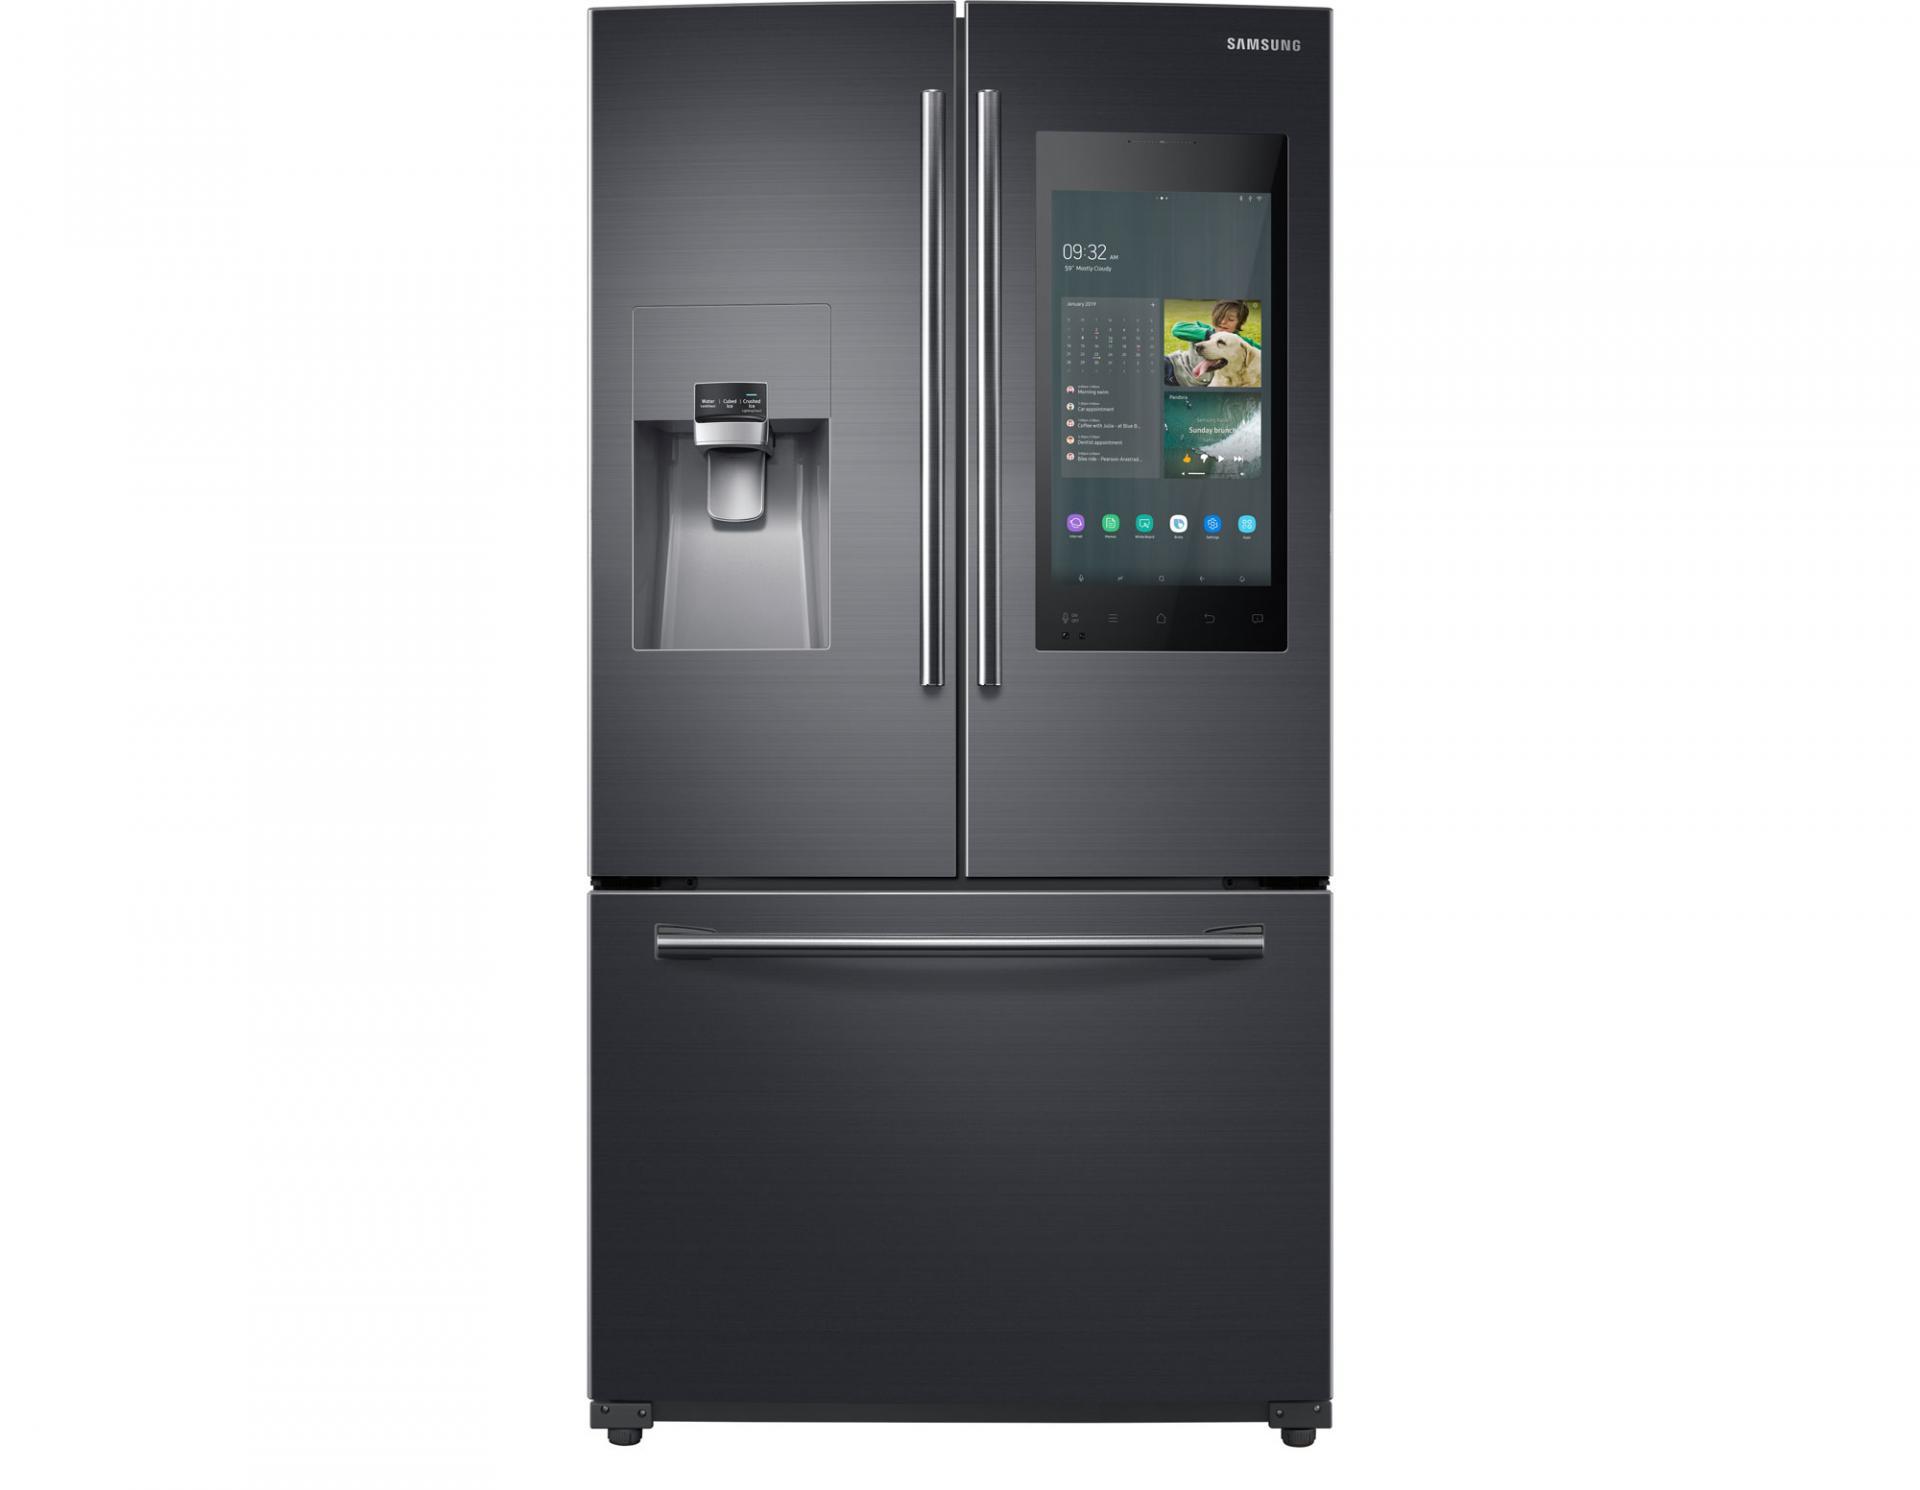 Как выбрать умный холодильник? Подобрали несколько моделей